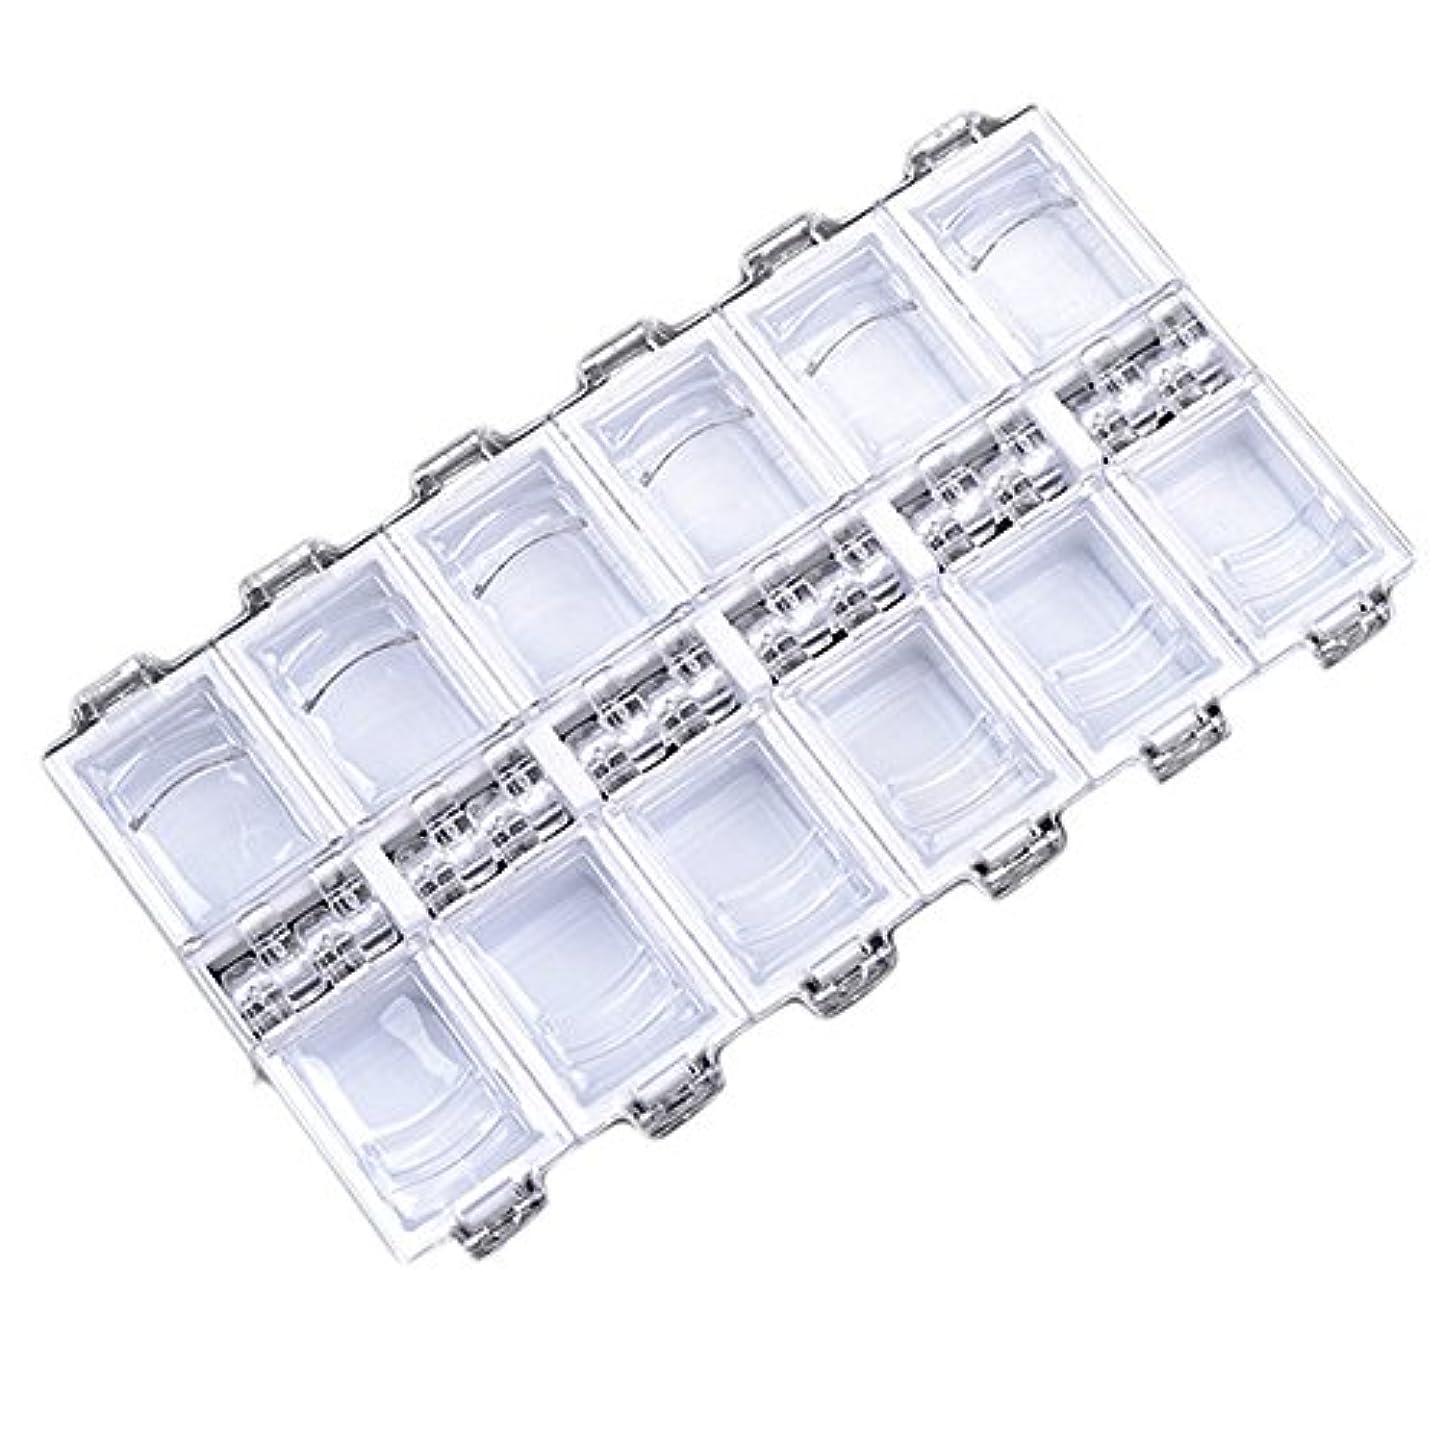 蒸発する誓約扱いやすい12グリッドファッション独立アクリルネイル装飾収納ボックス (WH)